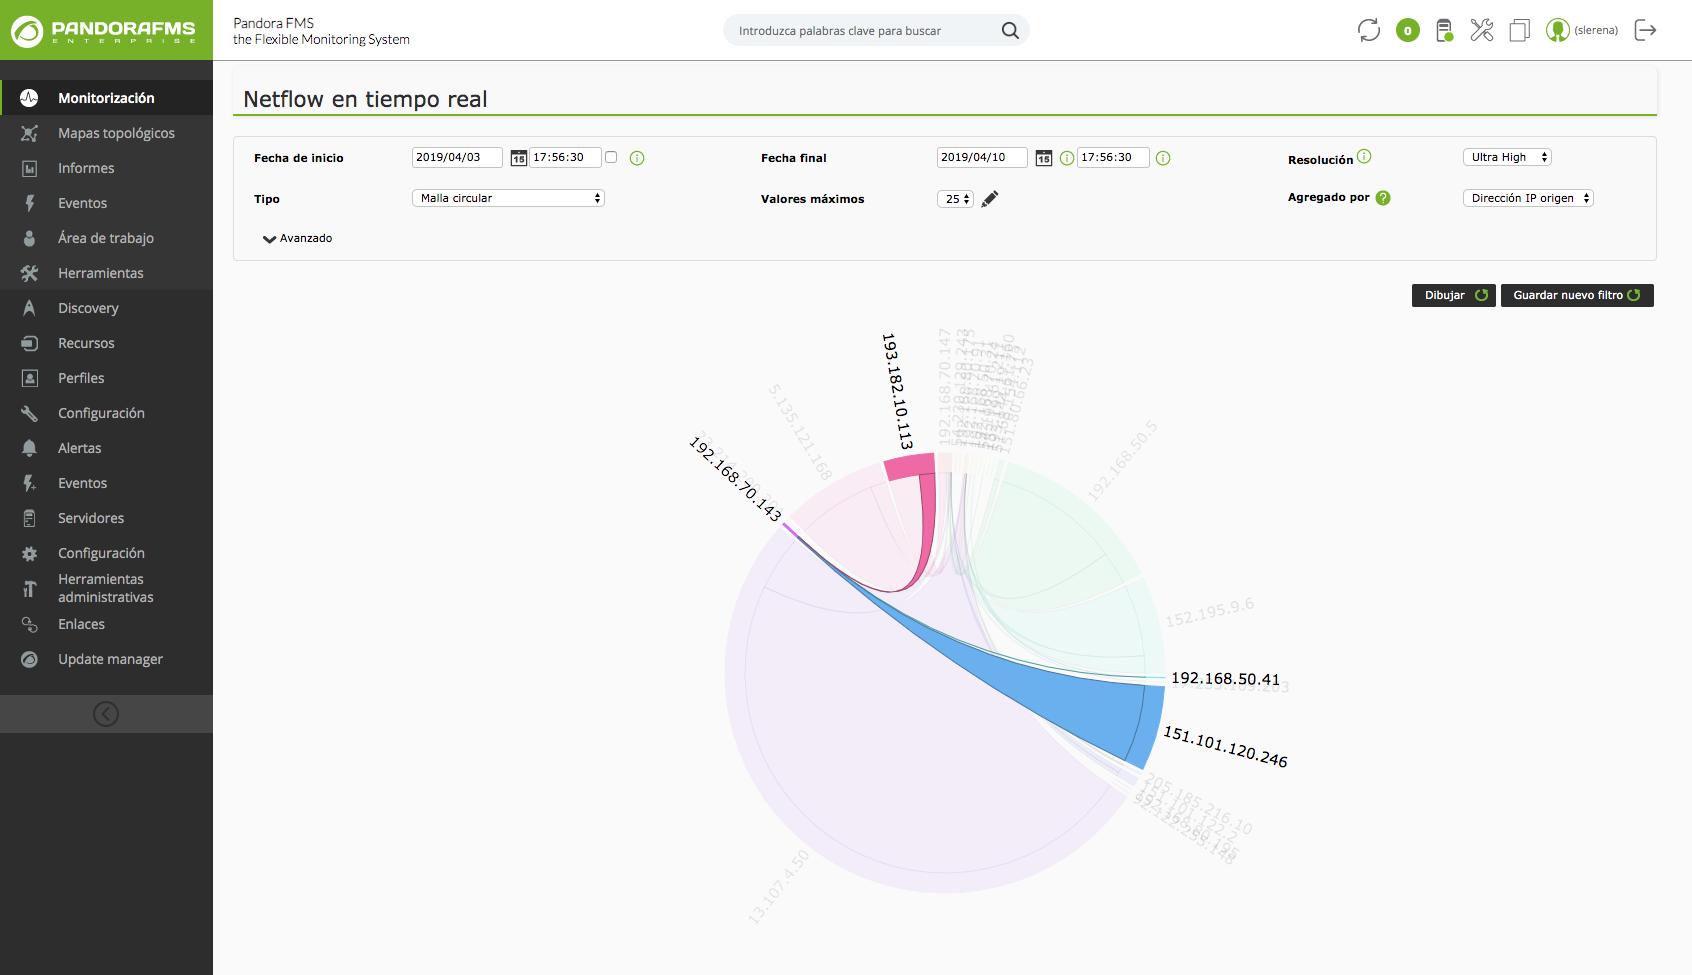 Pandora FMS utilise deux systèmes alternatifs et complementaires pour analyser le réseau en temps réel: Pandora NTA et Netflow.